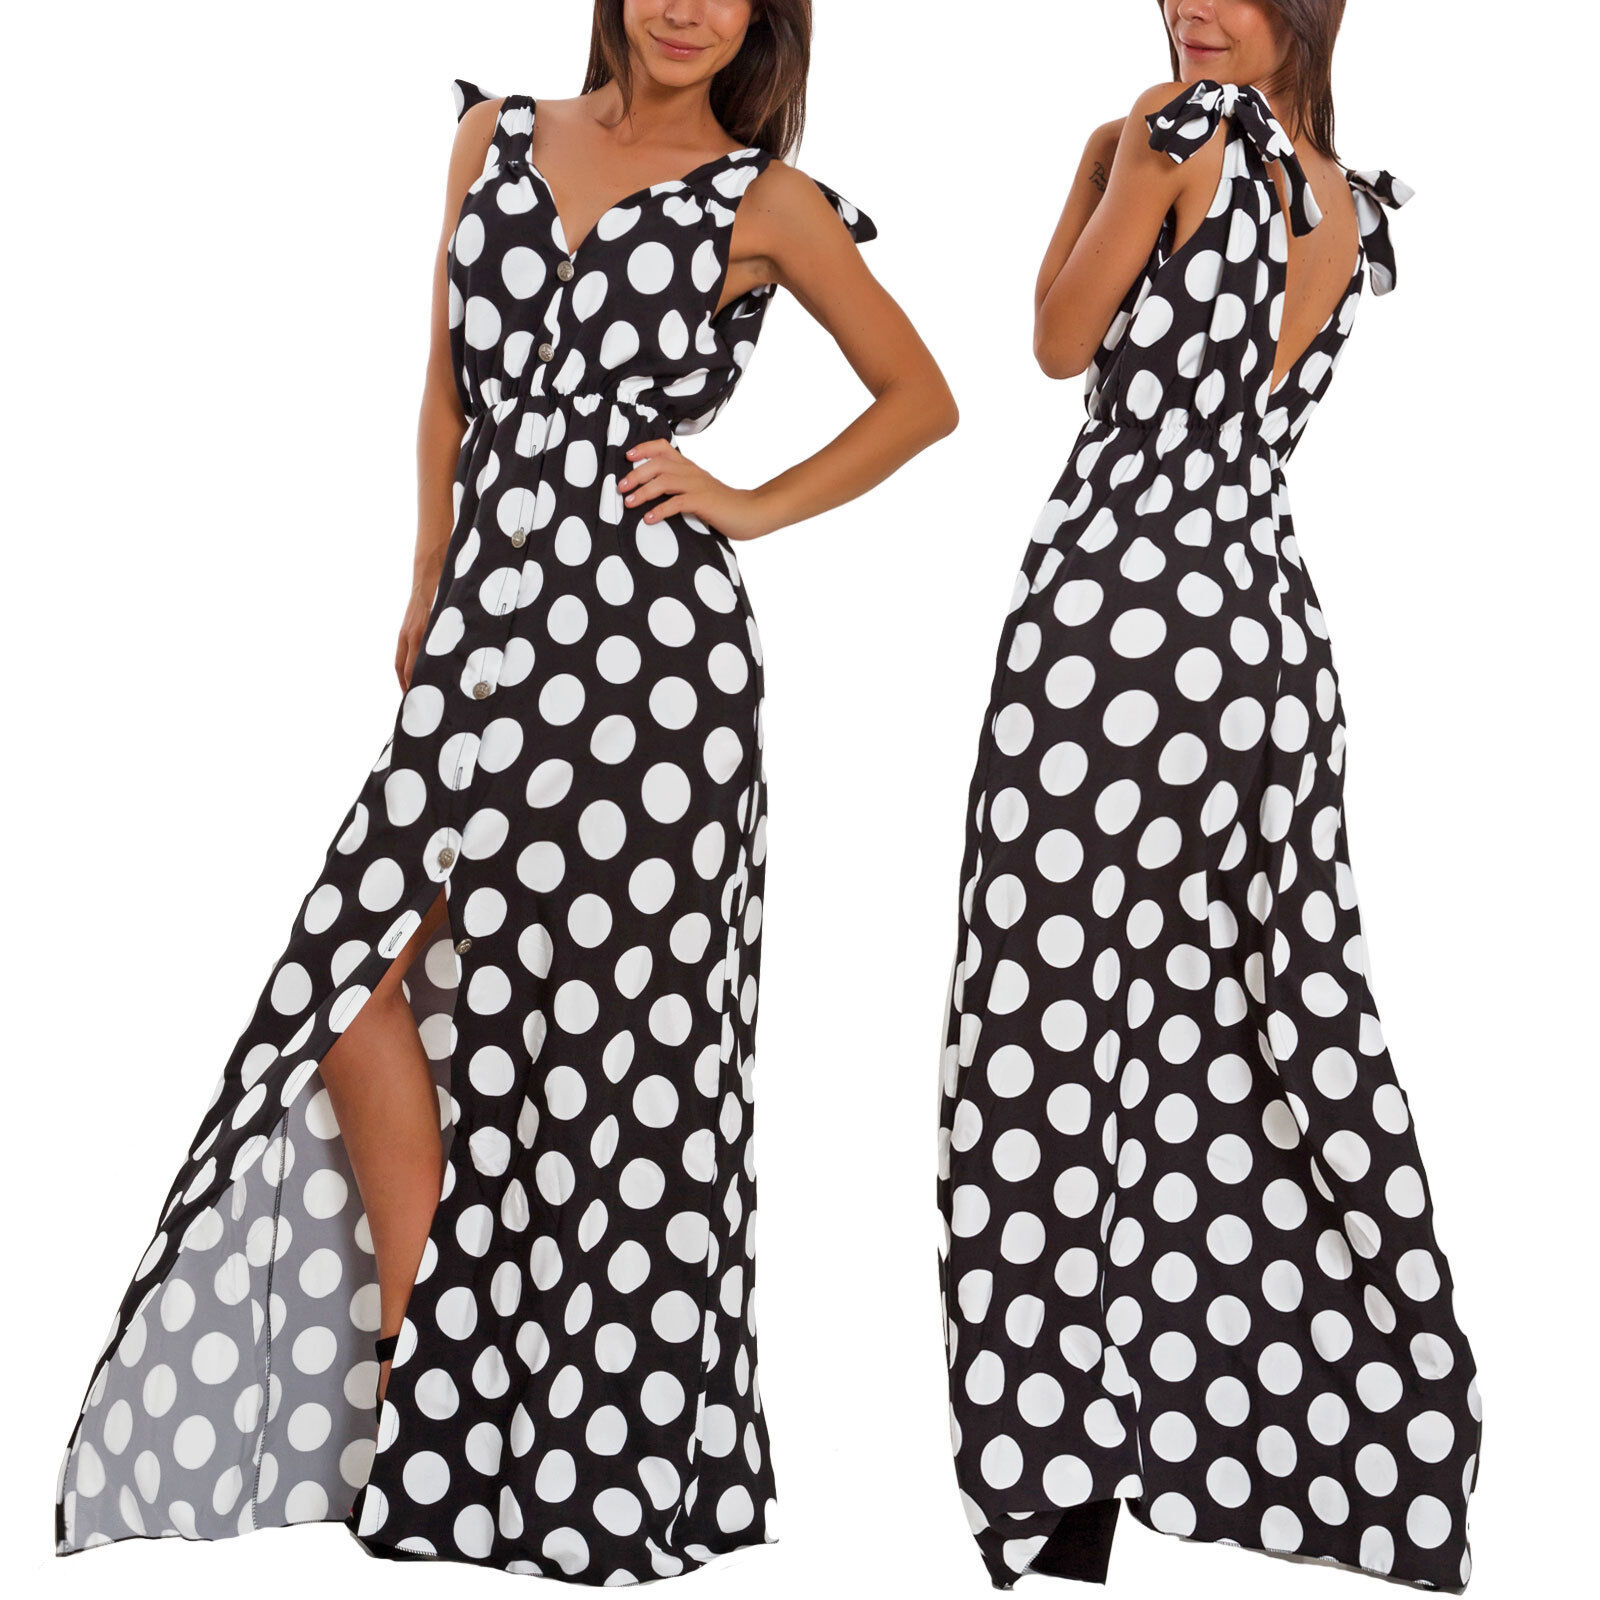 reputable site 1dd56 99fa3 Dettagli su Vestito donna lungo pois pinup scollato spacco abito elegante  cerimonia WD-8615